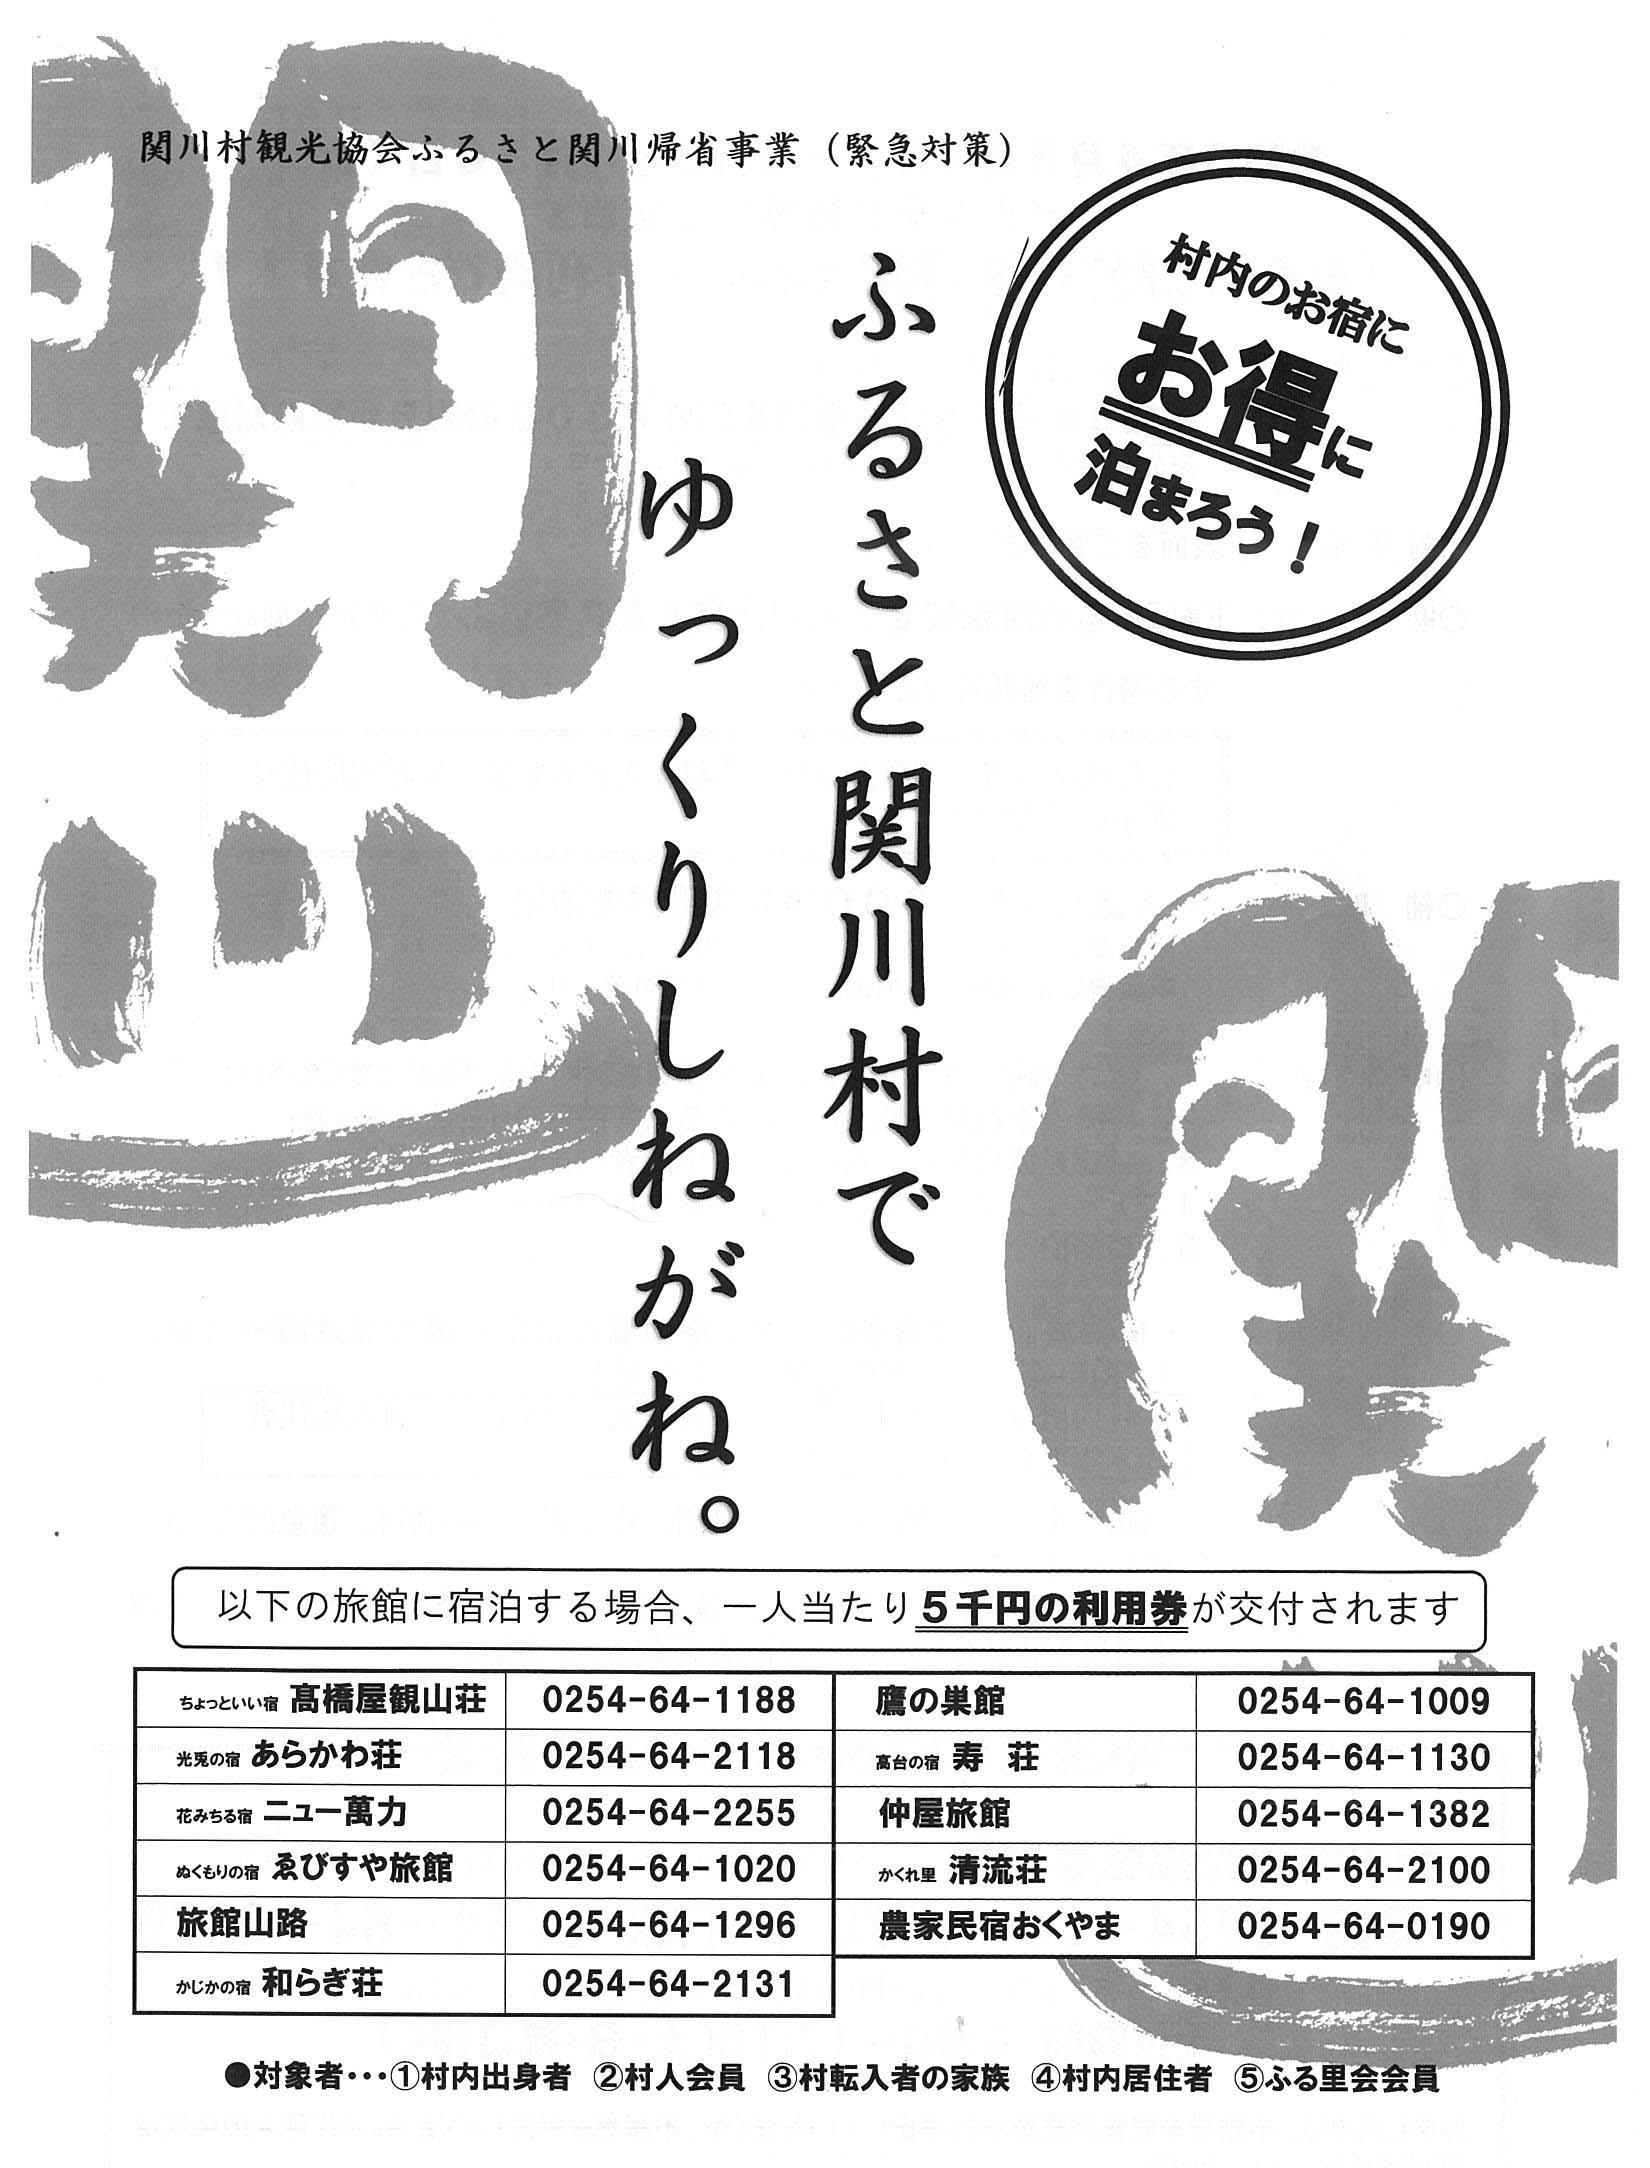 ふるさと関川帰省事業